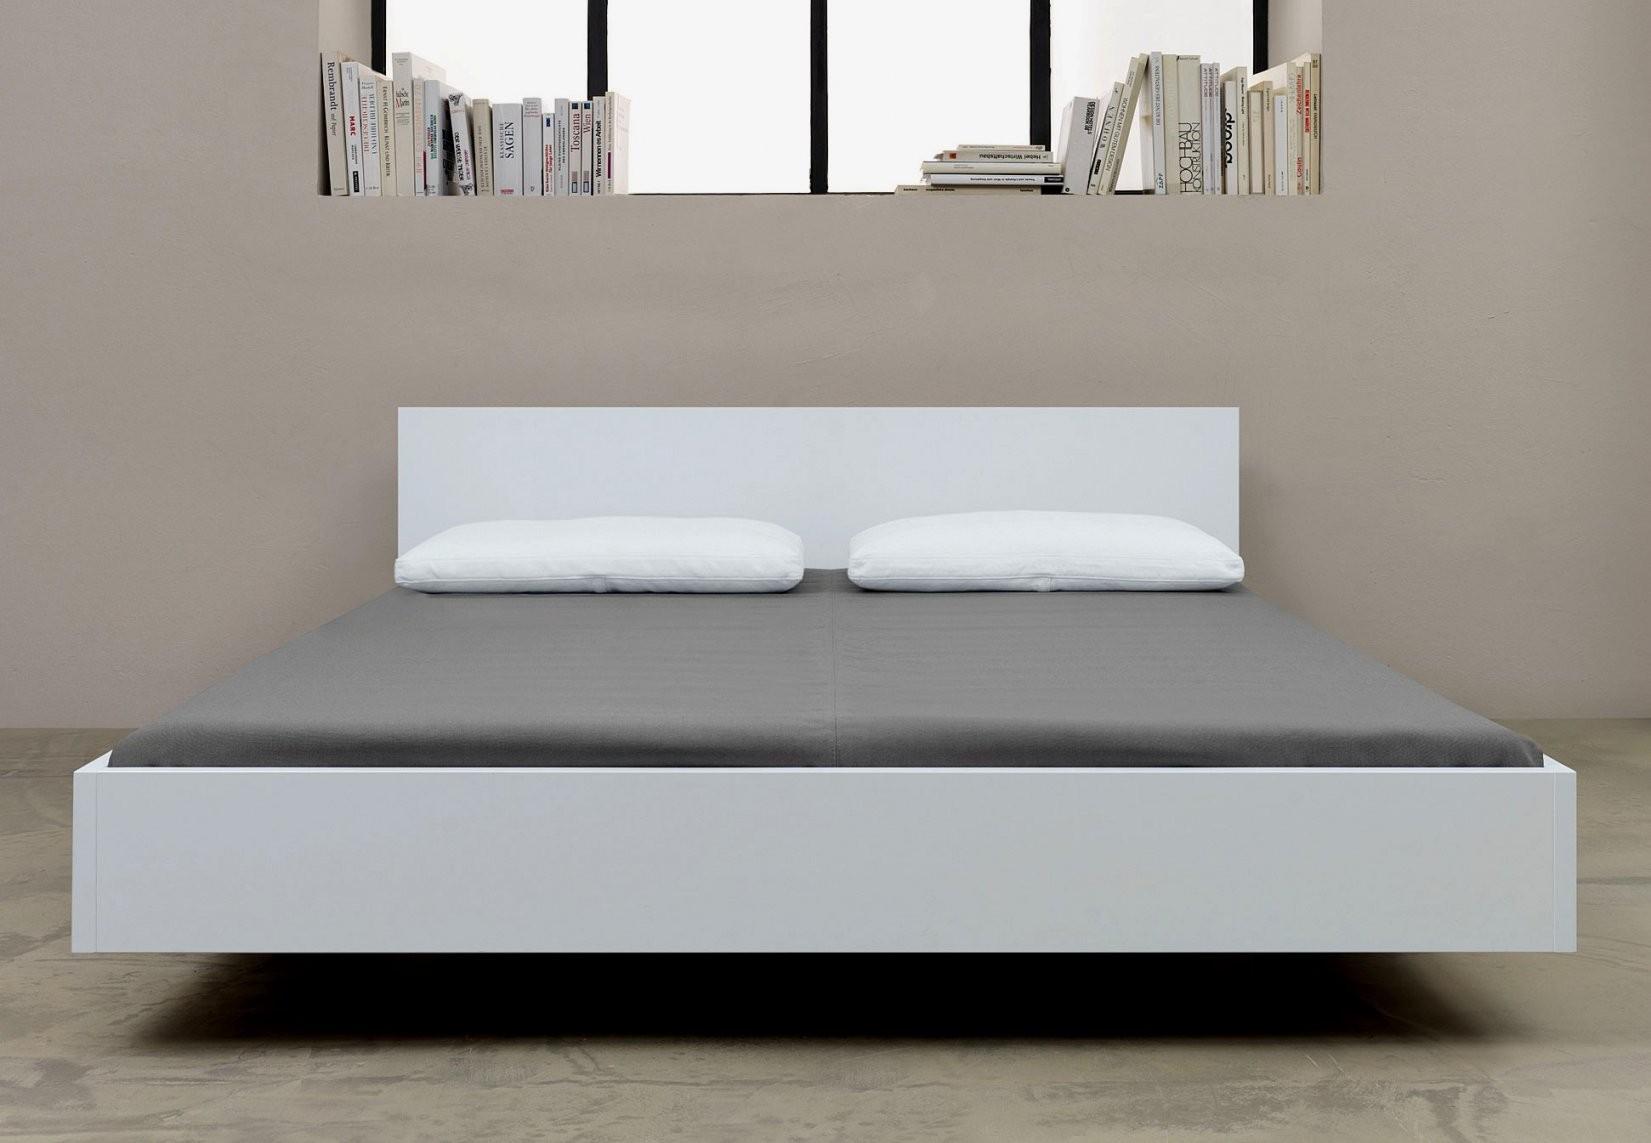 Beeindruckend Betten Weiß 180X200 Ansprechend Weises Bett Metall Mit von Bett Weiß 180X200 Holz Bild